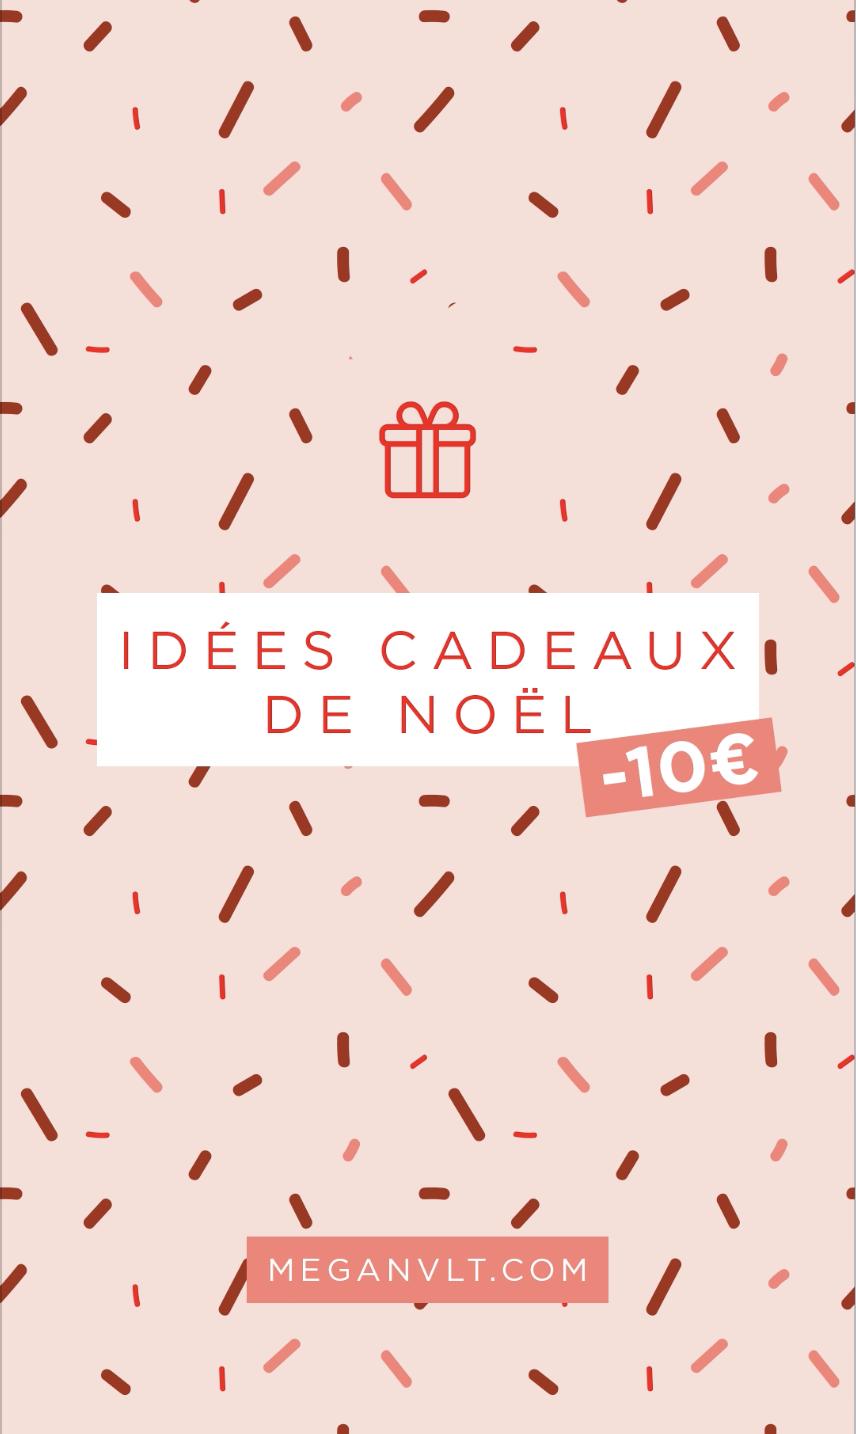 Idées cadeaux de Noël à moins de 10€